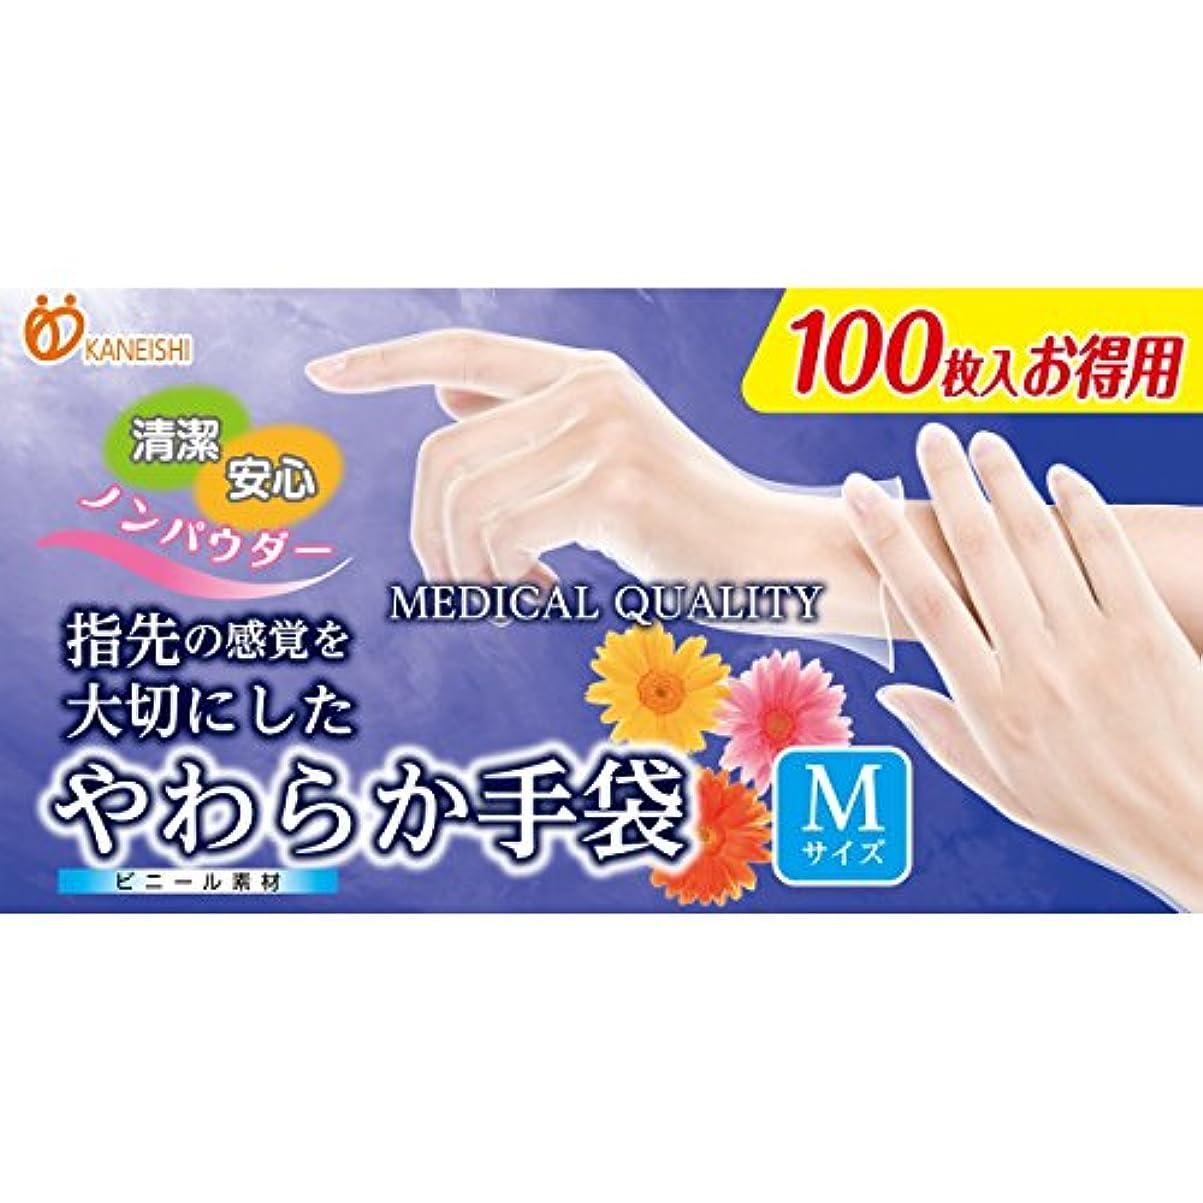 お酢地震卒業やわらか手袋 ビニール素材 Mサイズ 100枚入